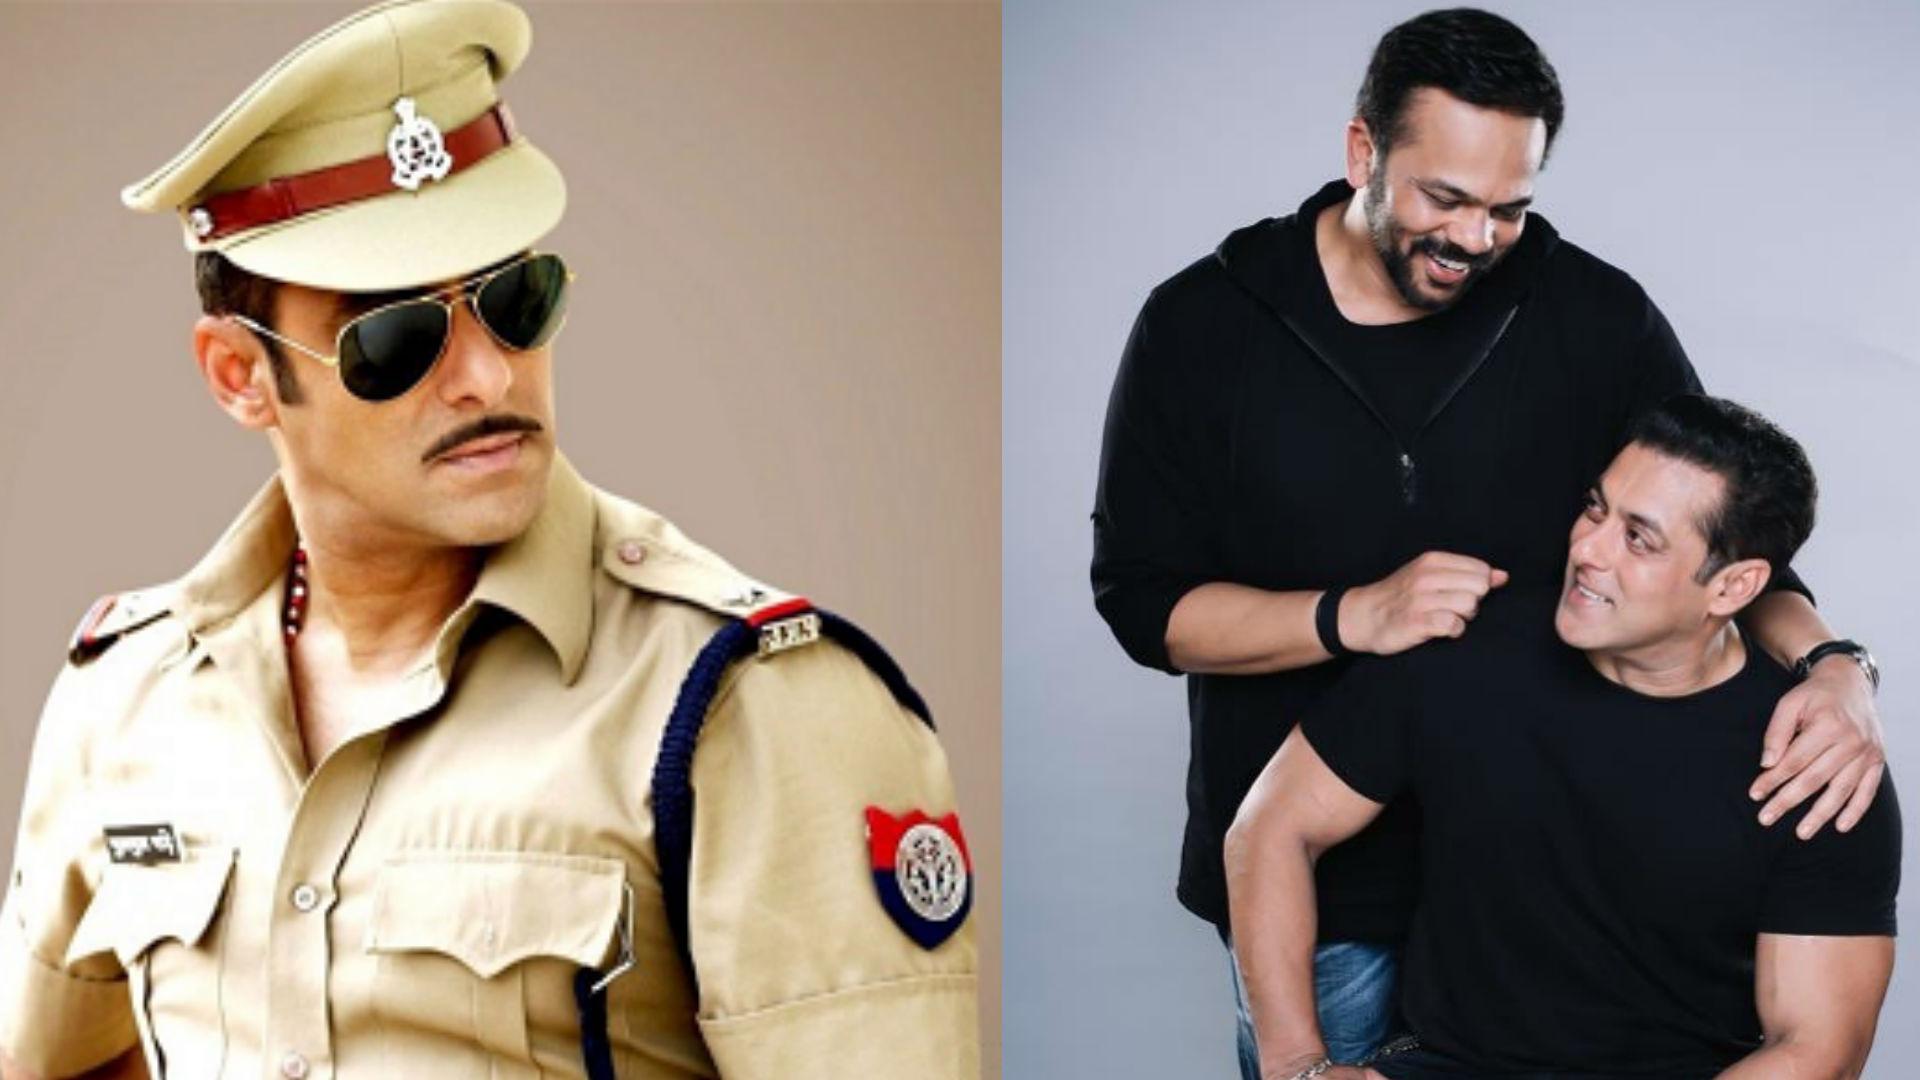 सिंघम, सिंबा और सूर्यवंशी के बाद रोहित शेट्टी की 'कॉप यूनिवर्स' फिल्म के अगले हीरो हो सकते हैं सलमान खान